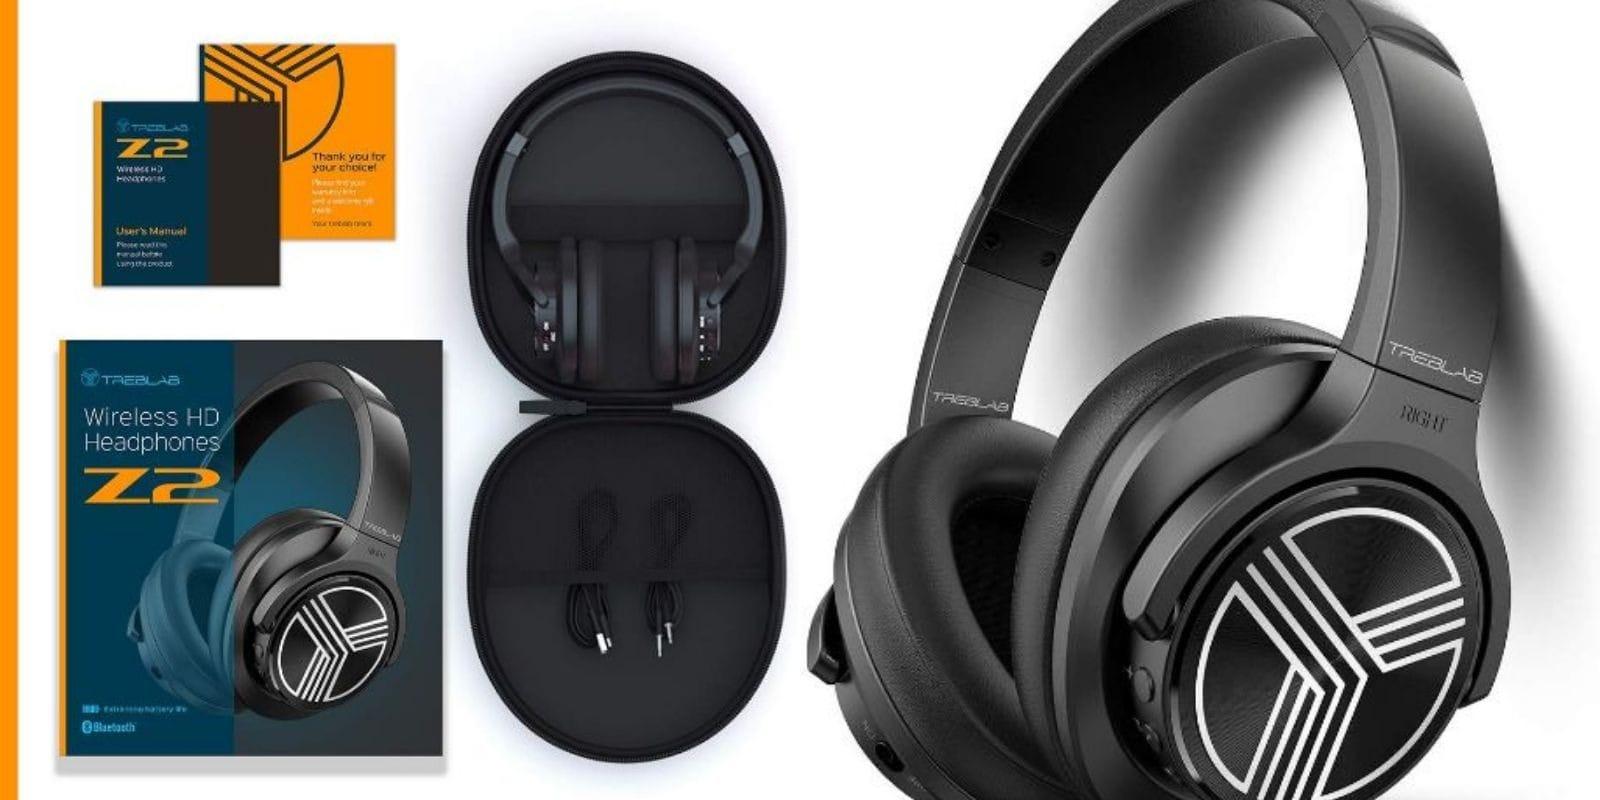 Z2 Headphones